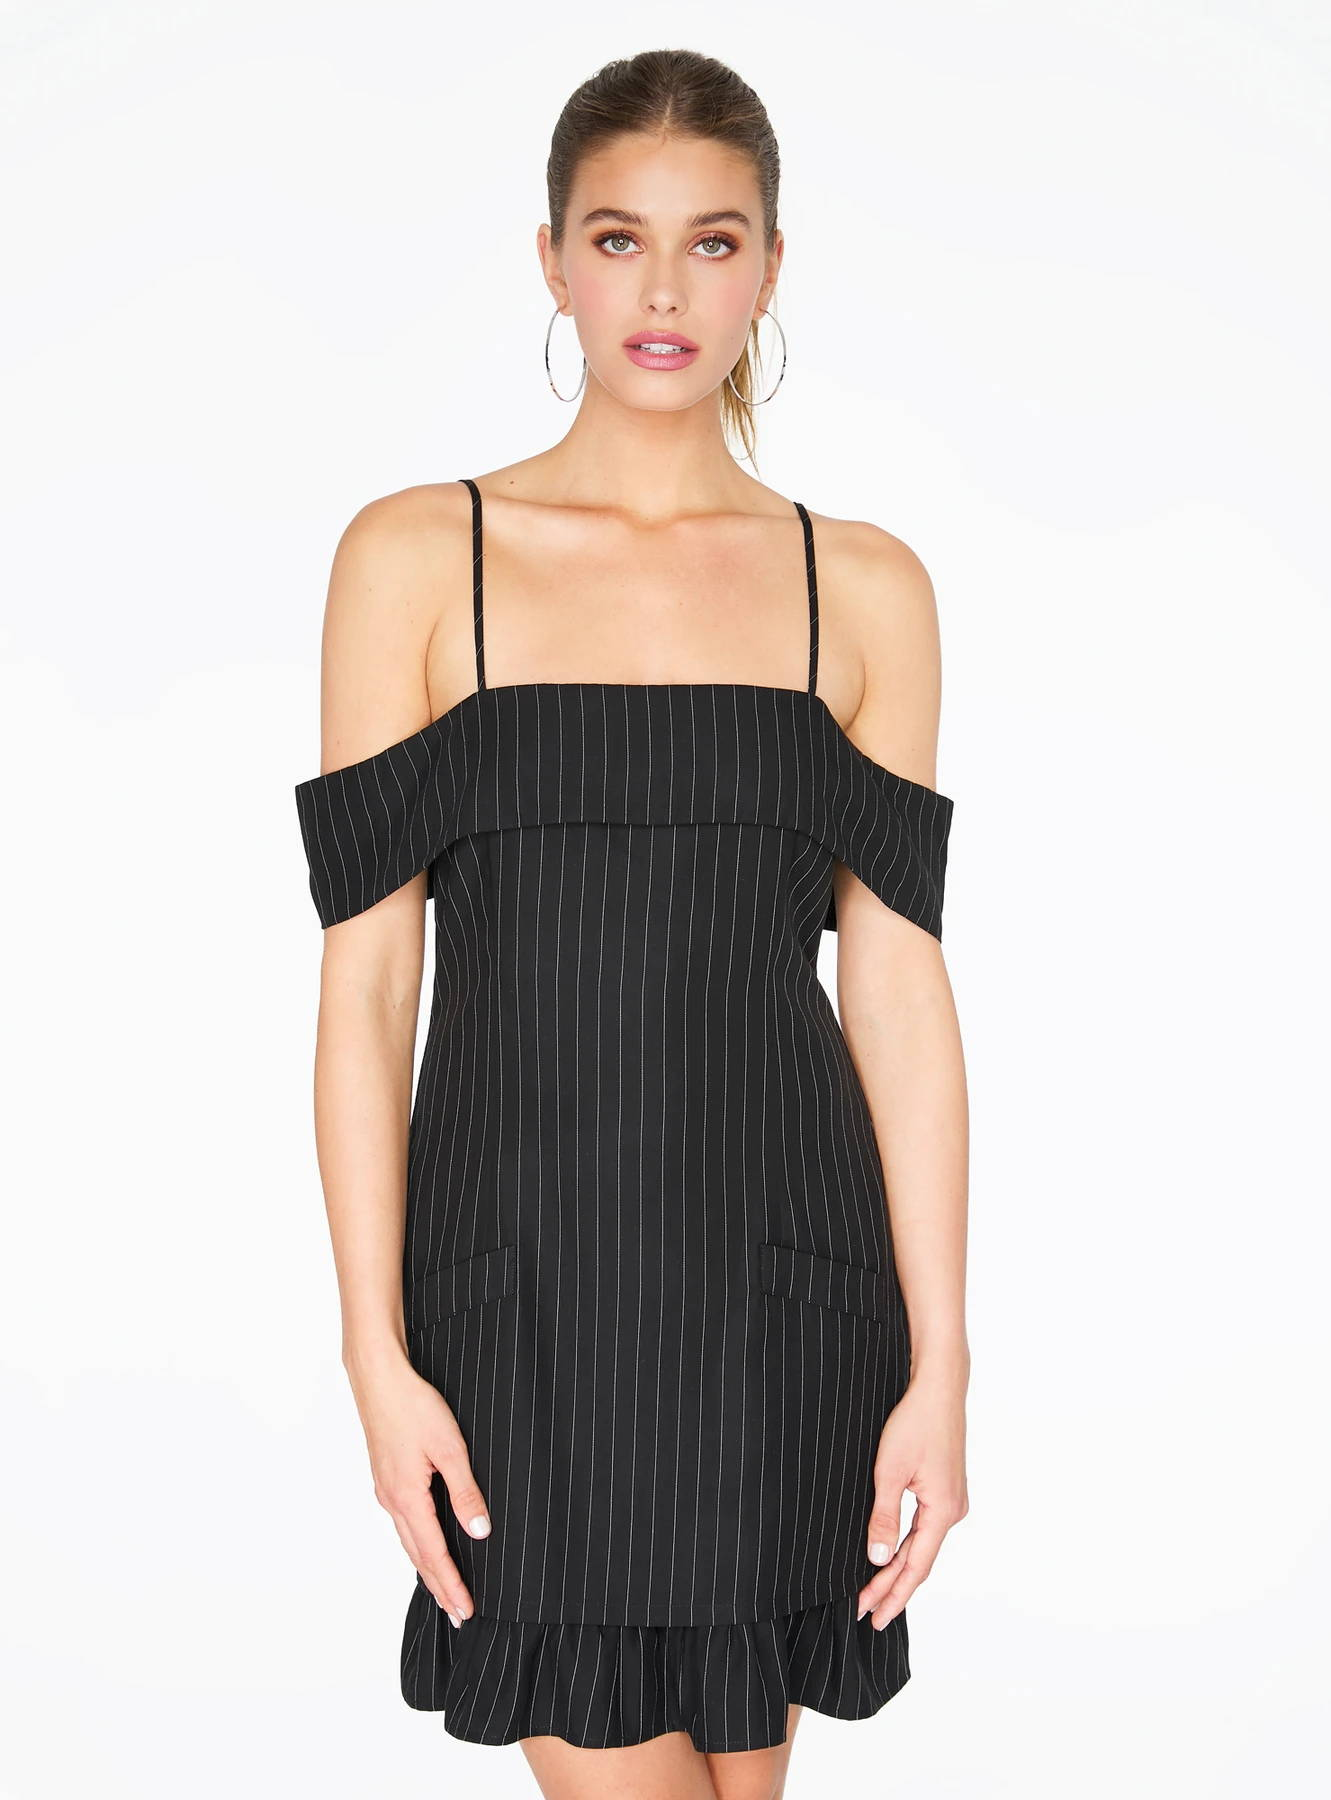 Striped Off-the-Shoulder Dress in Black